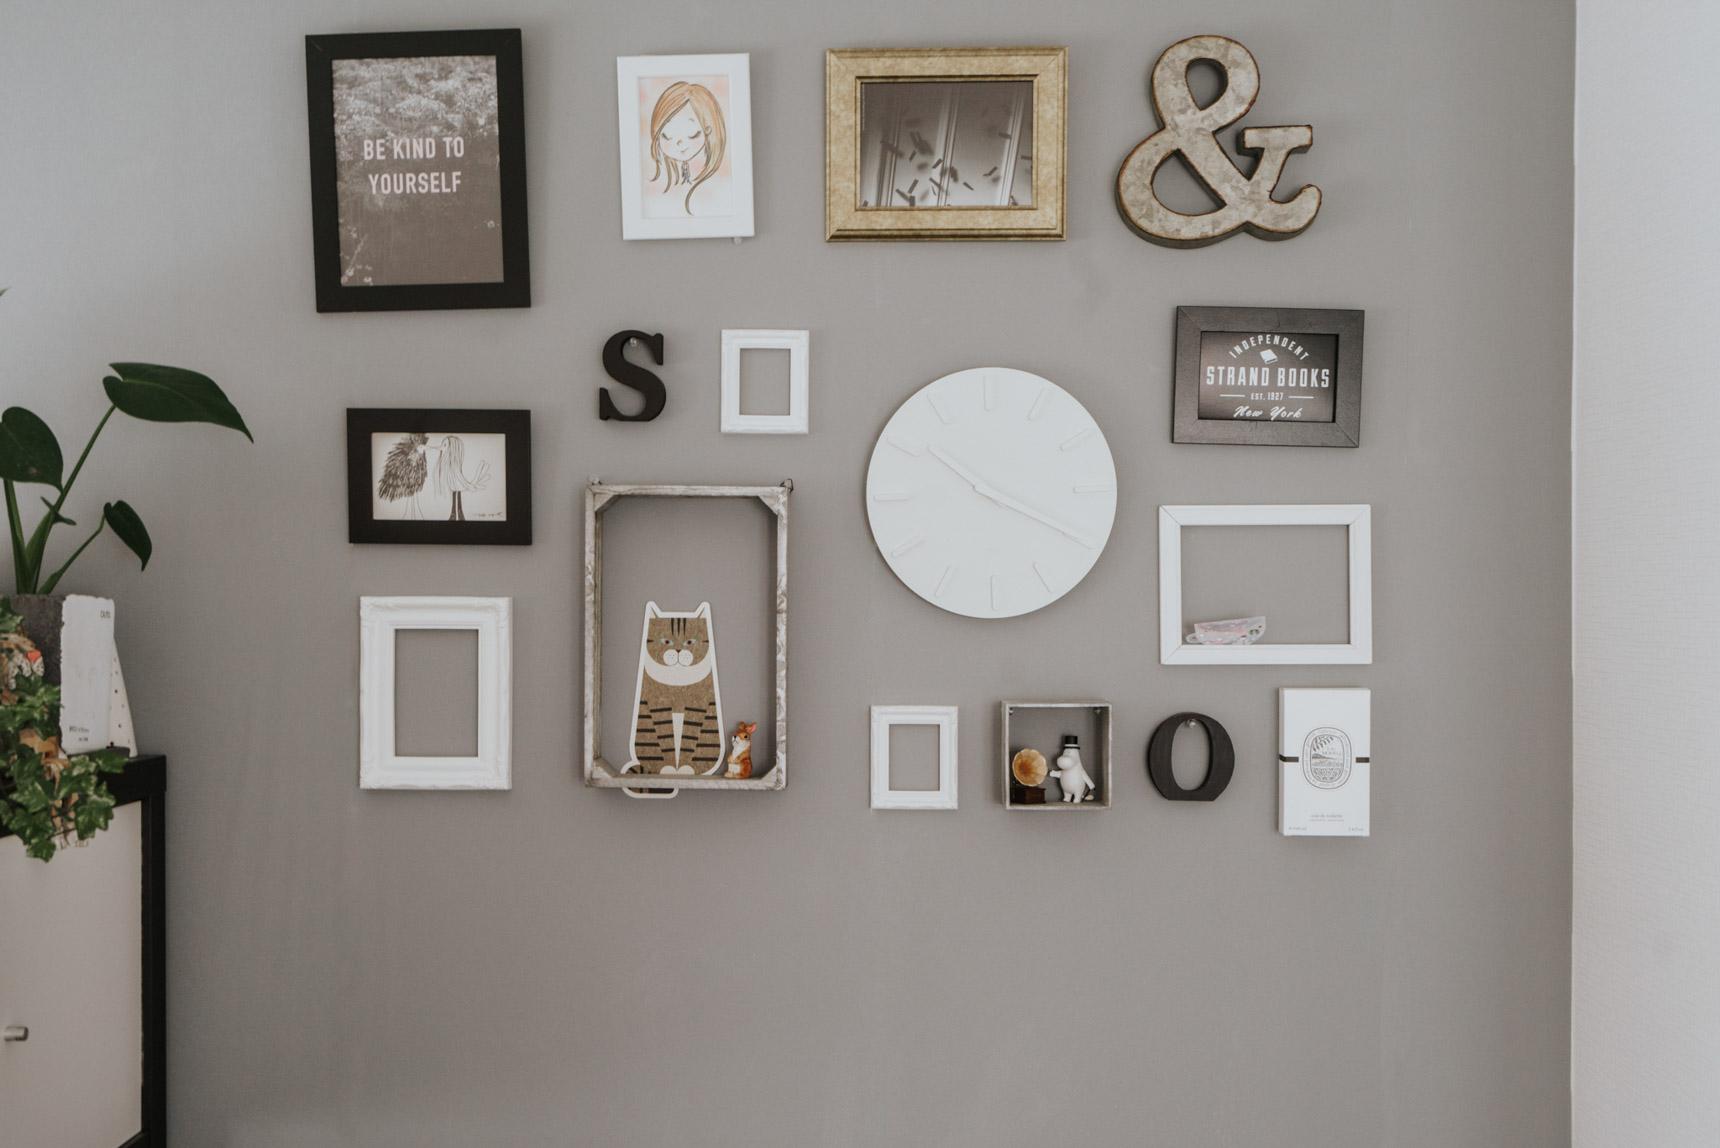 壁には剥がせる糊を使って、自分でグレーの壁紙を貼りました。